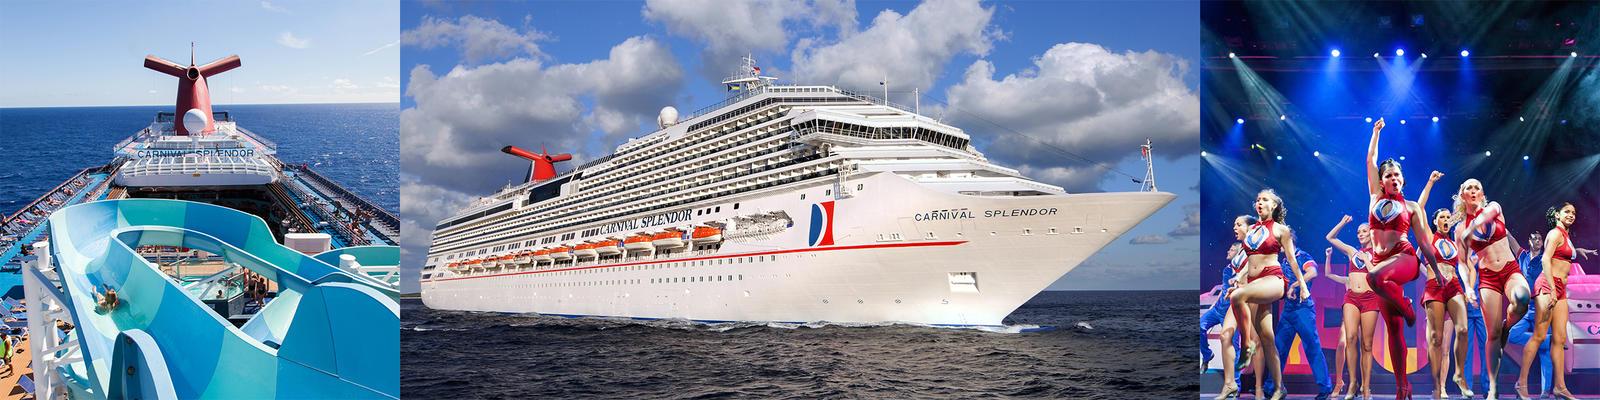 Carnival Splendor Cruise Ship Review Photos Amp Departure